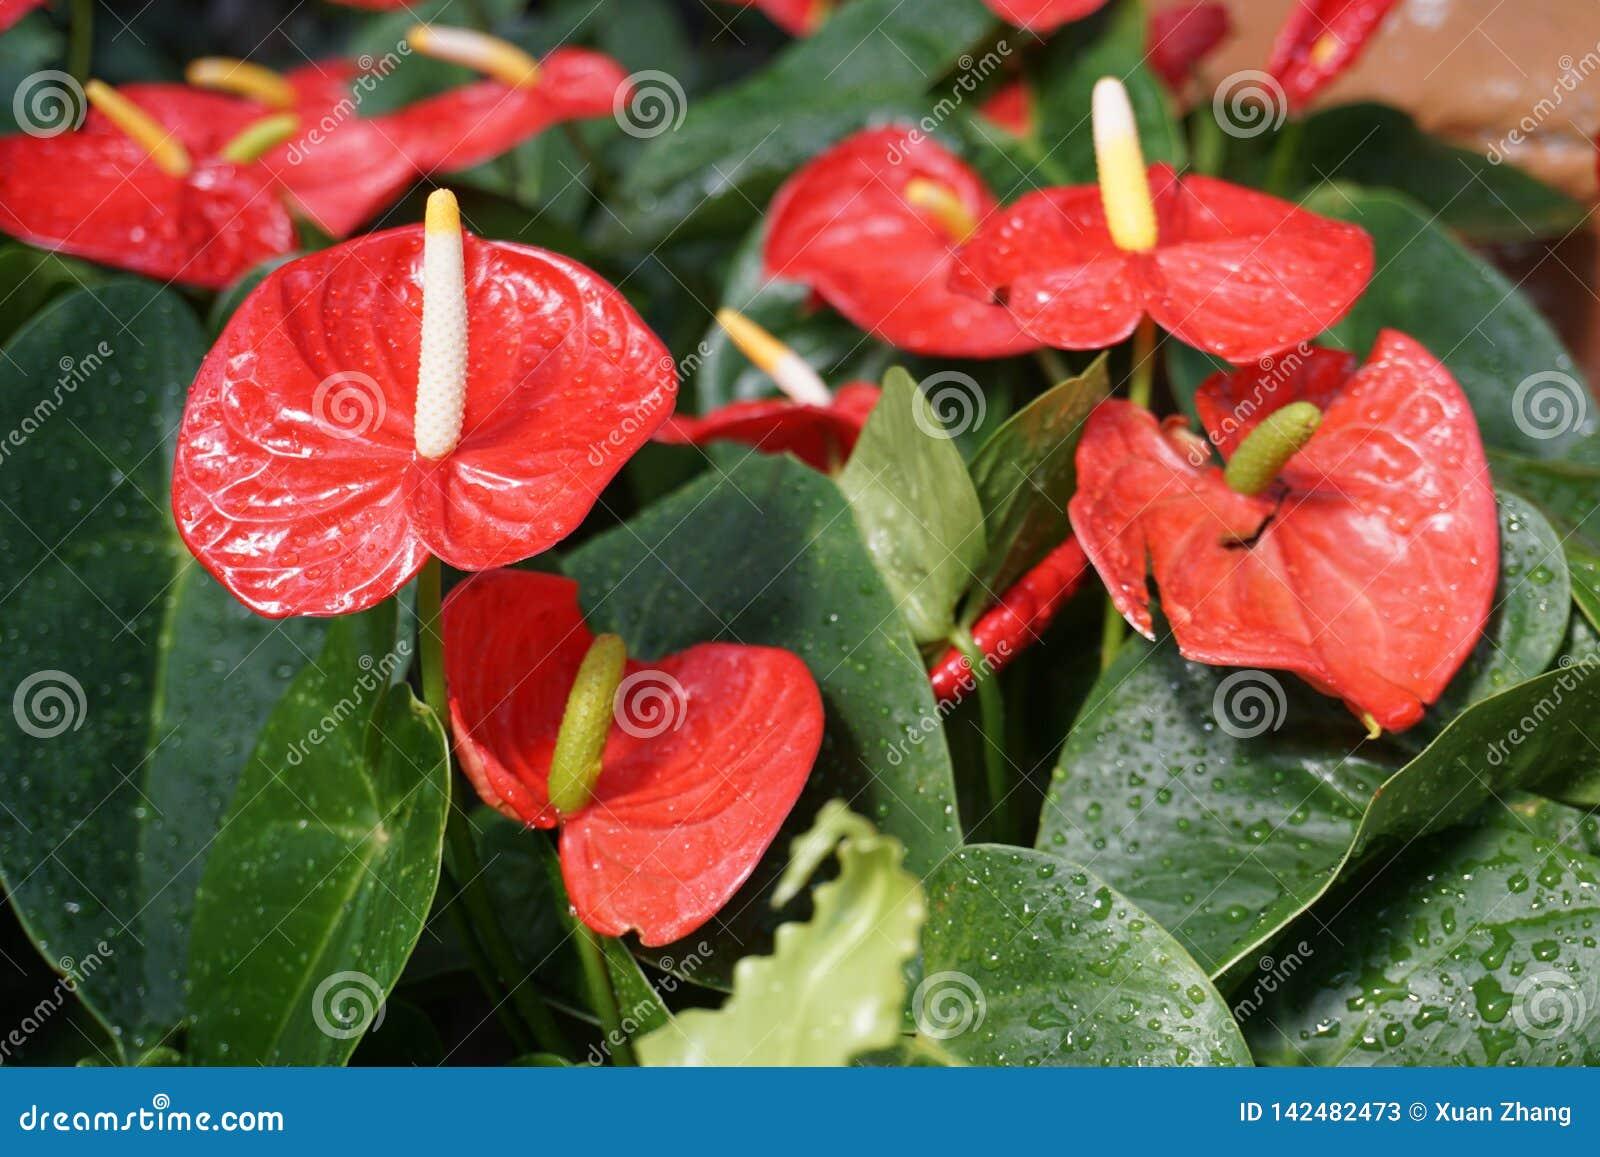 这是称安祖花的花